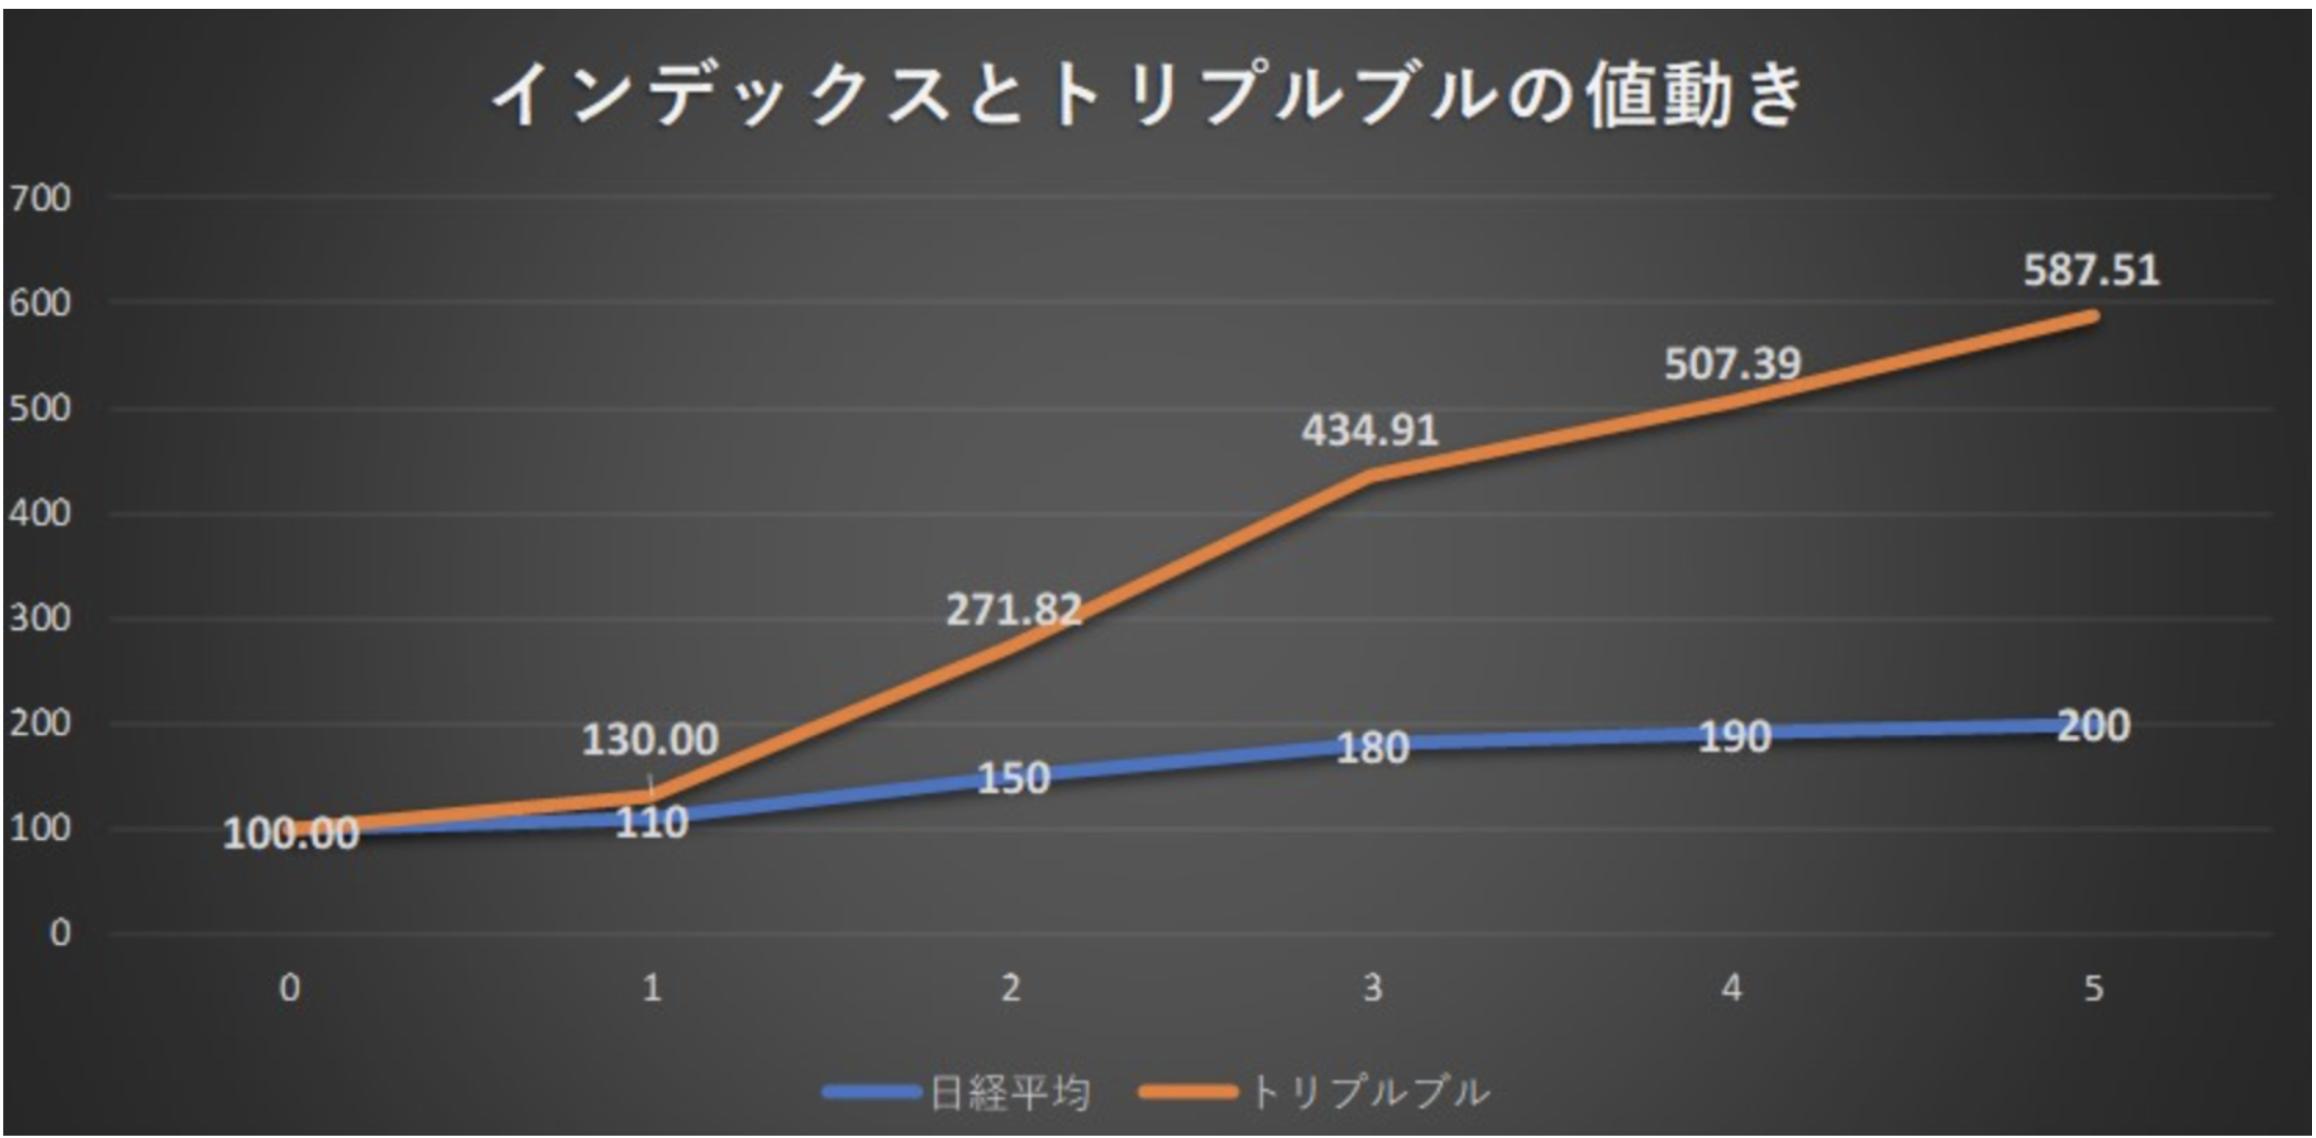 上昇相場の時のインデックスとトリプルブルの値動きの比較